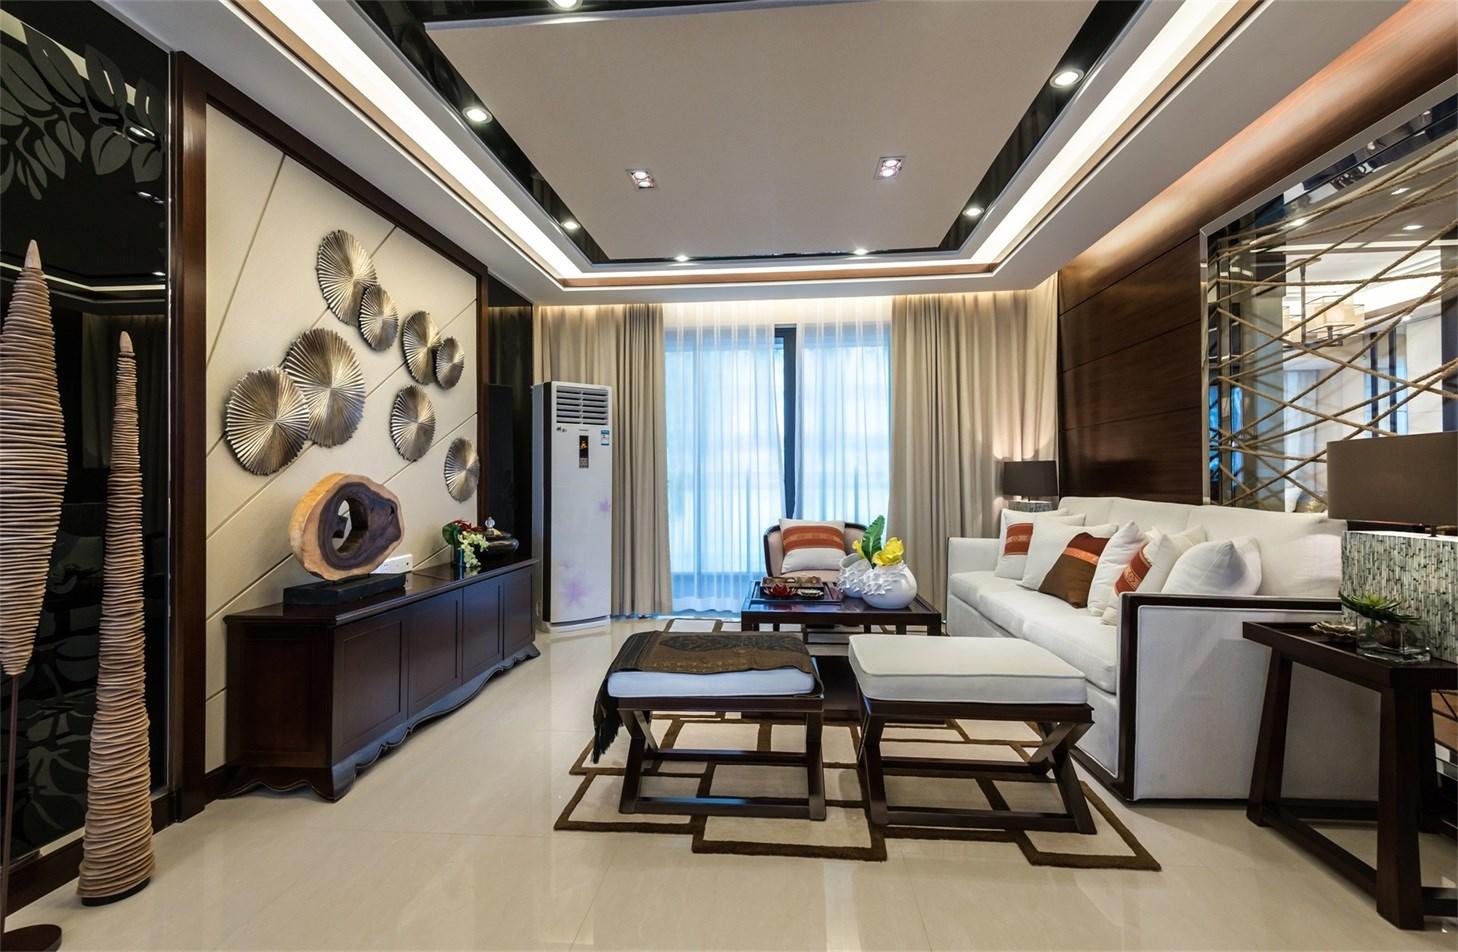 客厅是通过中式风格的特征,表达对清雅含蓄、端庄丰华的东方式精神境界的追求。